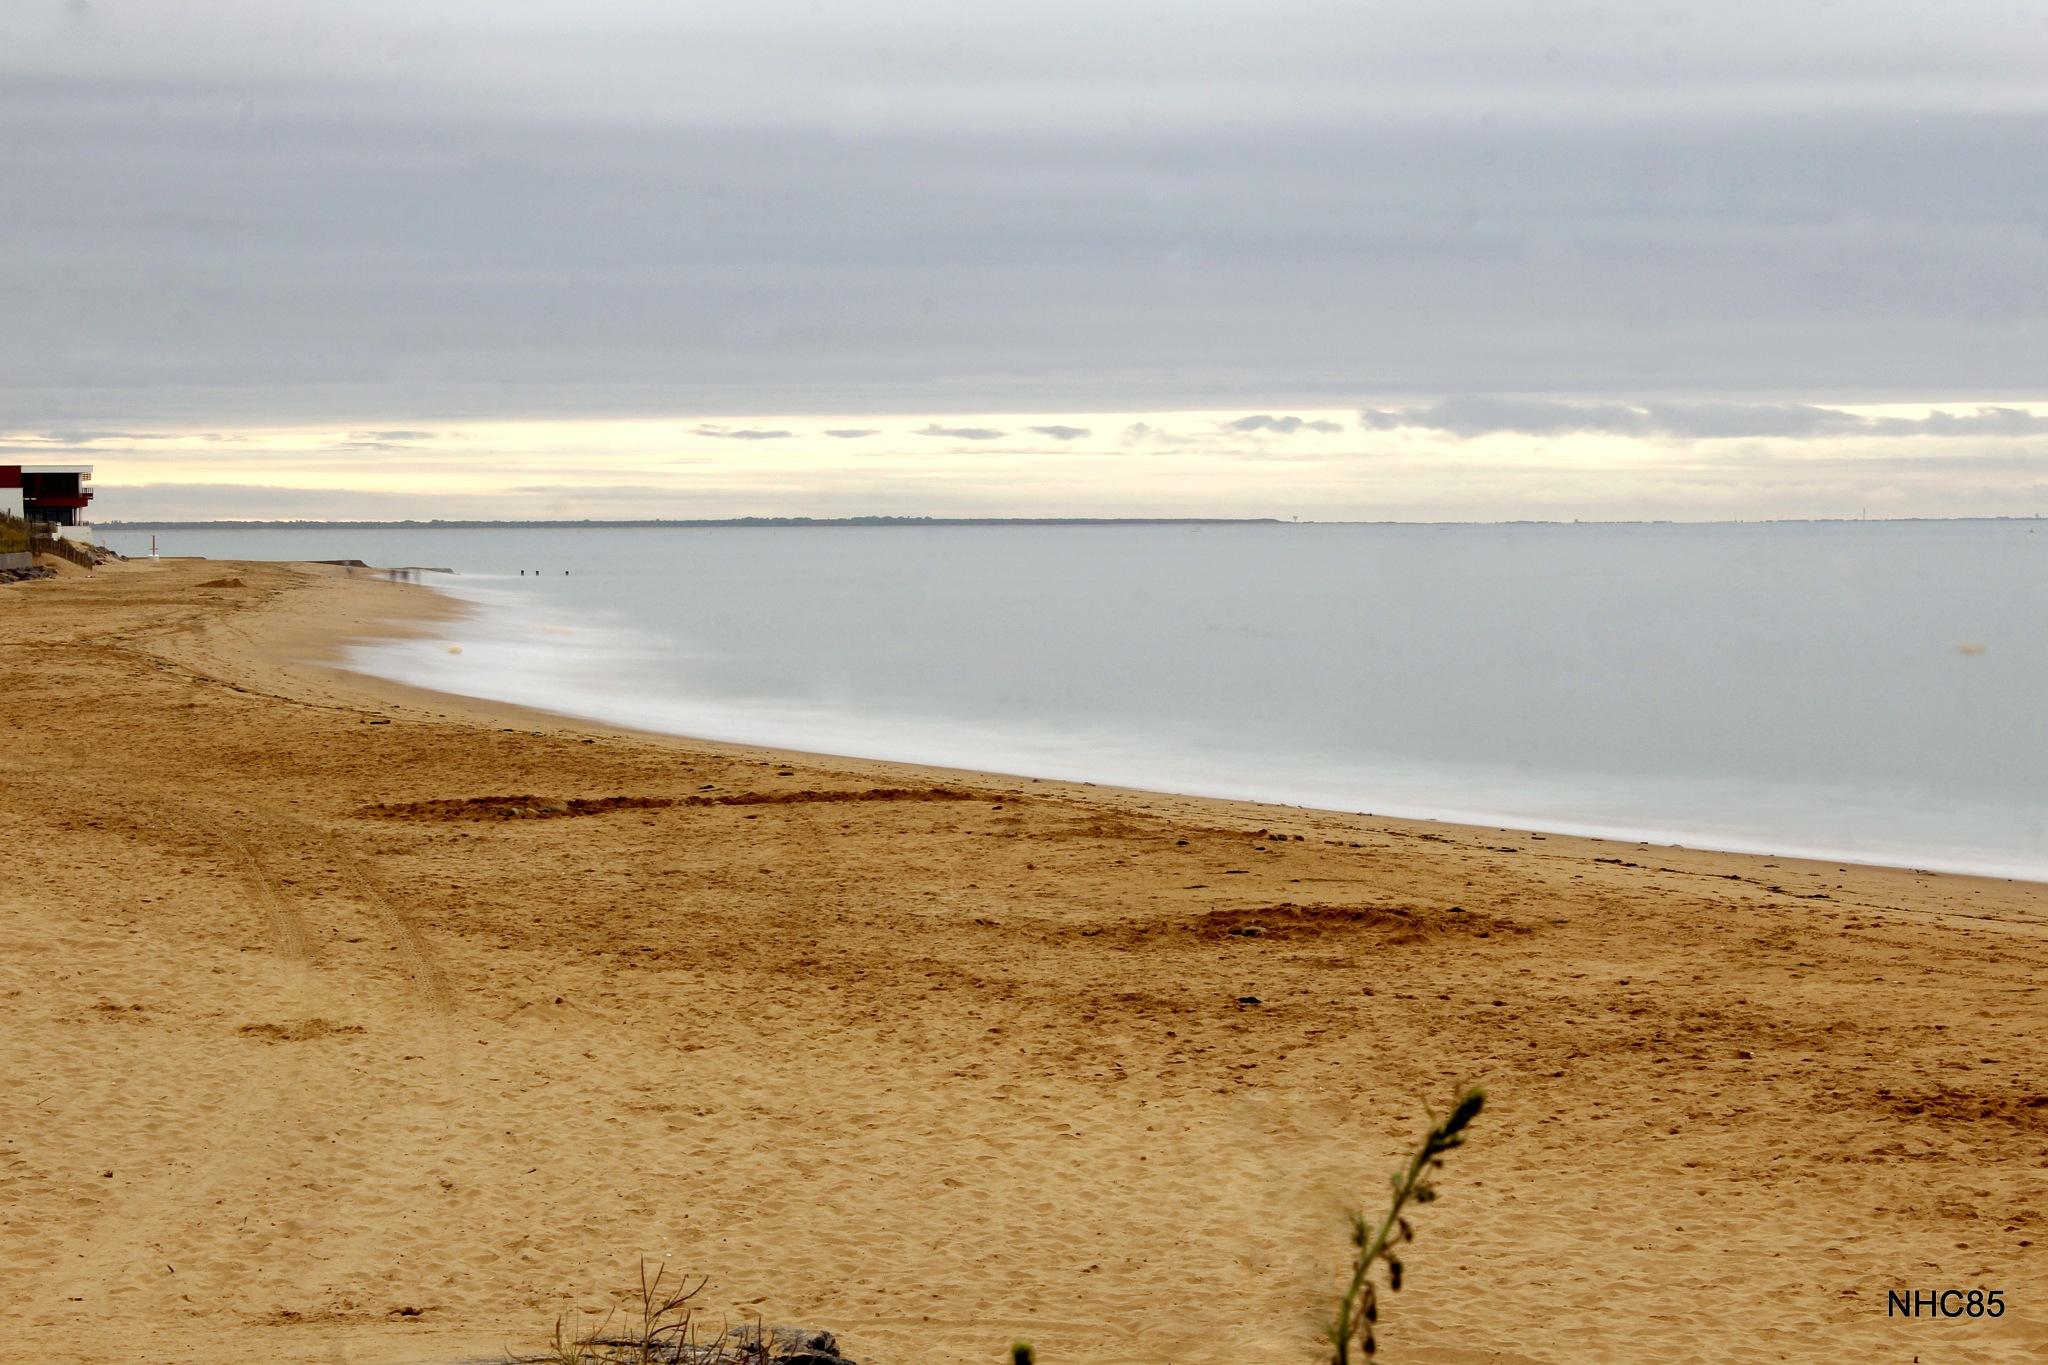 Pose longue à la plage by NHC85